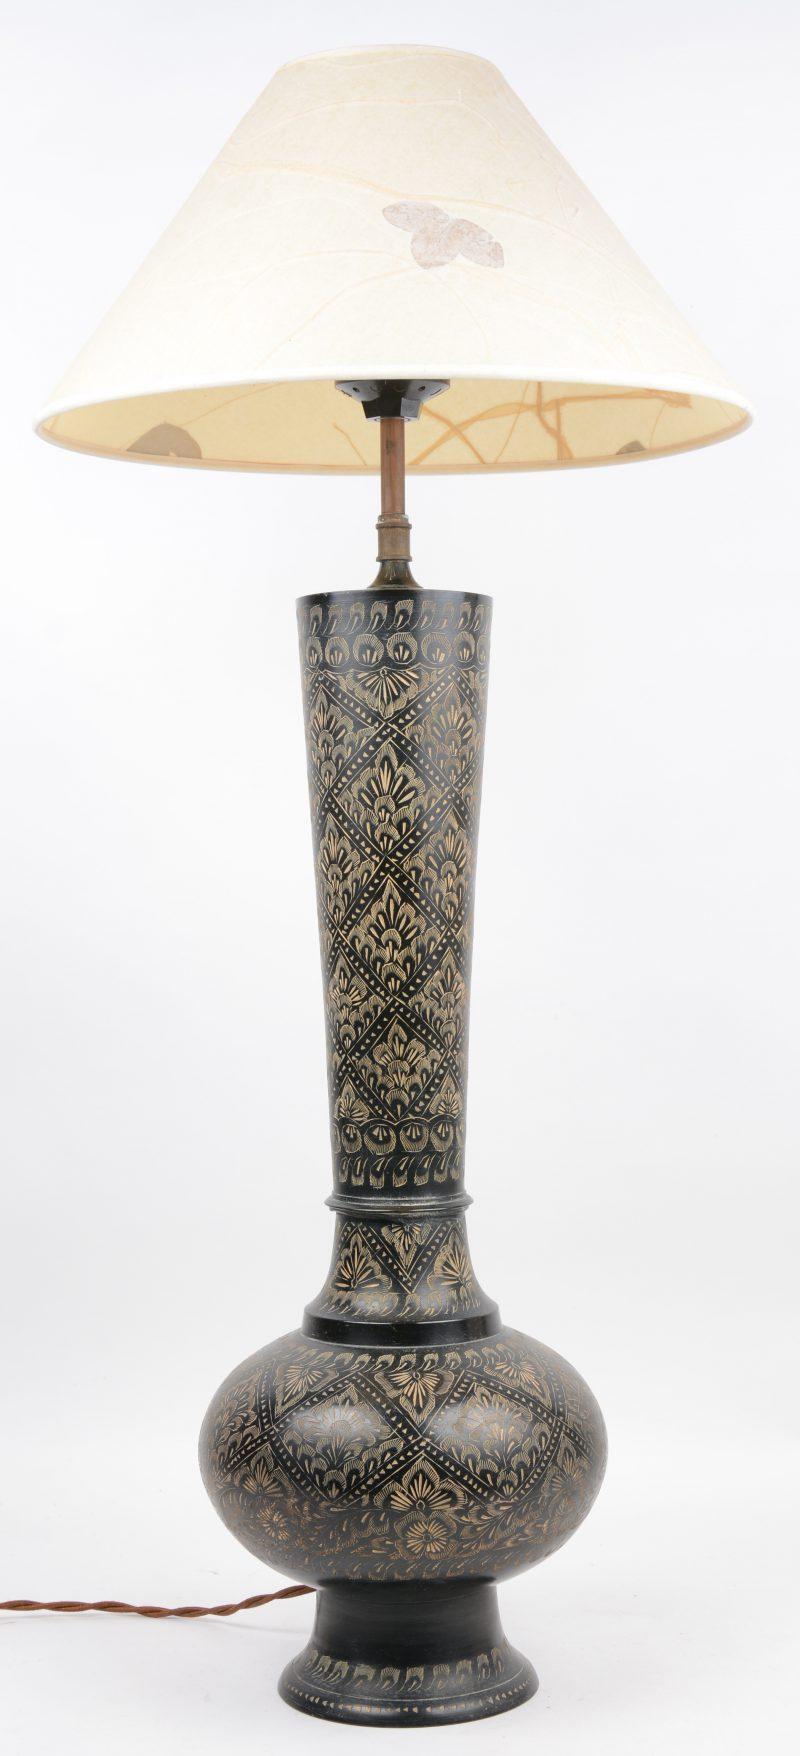 Schemerlamp met kap in batik en met voet uit Iran.